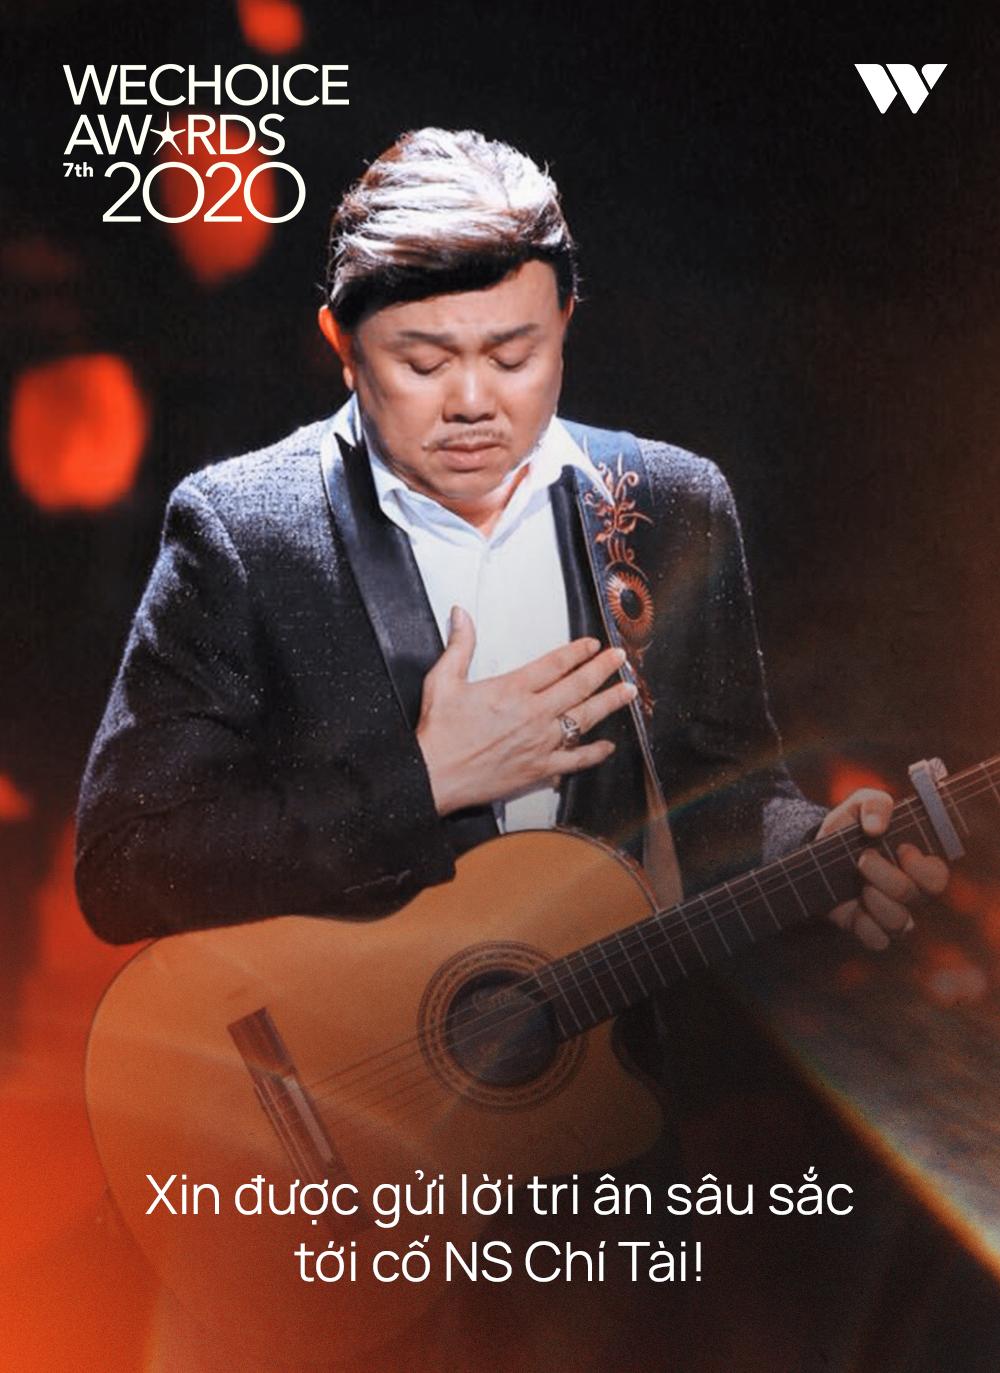 WeChoice Awards 2020: Lời tri ân sâu sắc của hàng trăm ngàn khán giả dành cho cố nghệ sĩ Chí Tài! - Ảnh 5.